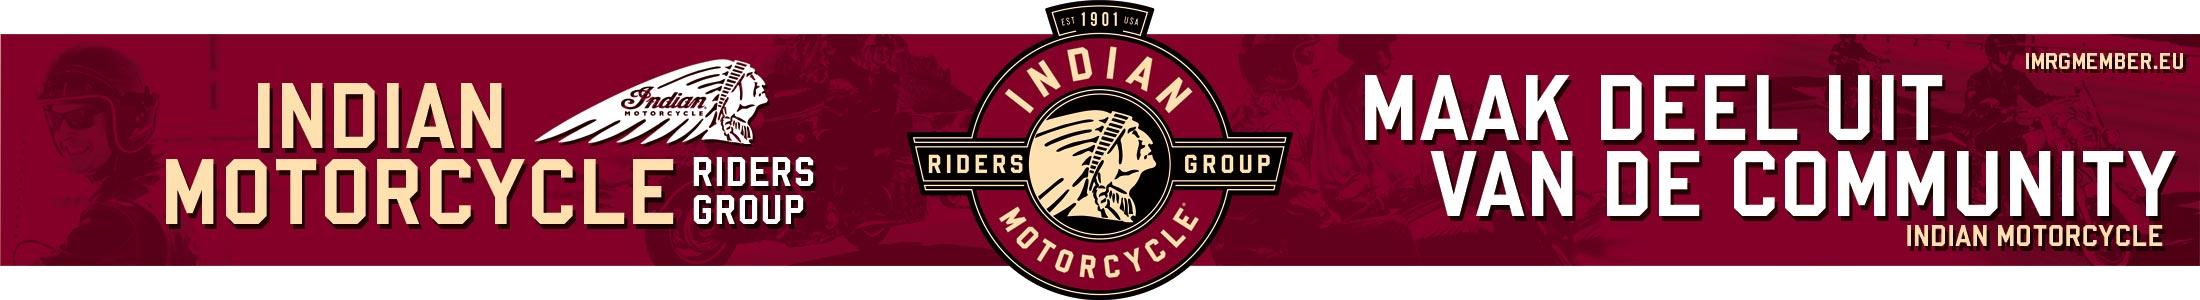 Indian Motorcycle Benelux Indian Motorcycle Netherlandhome